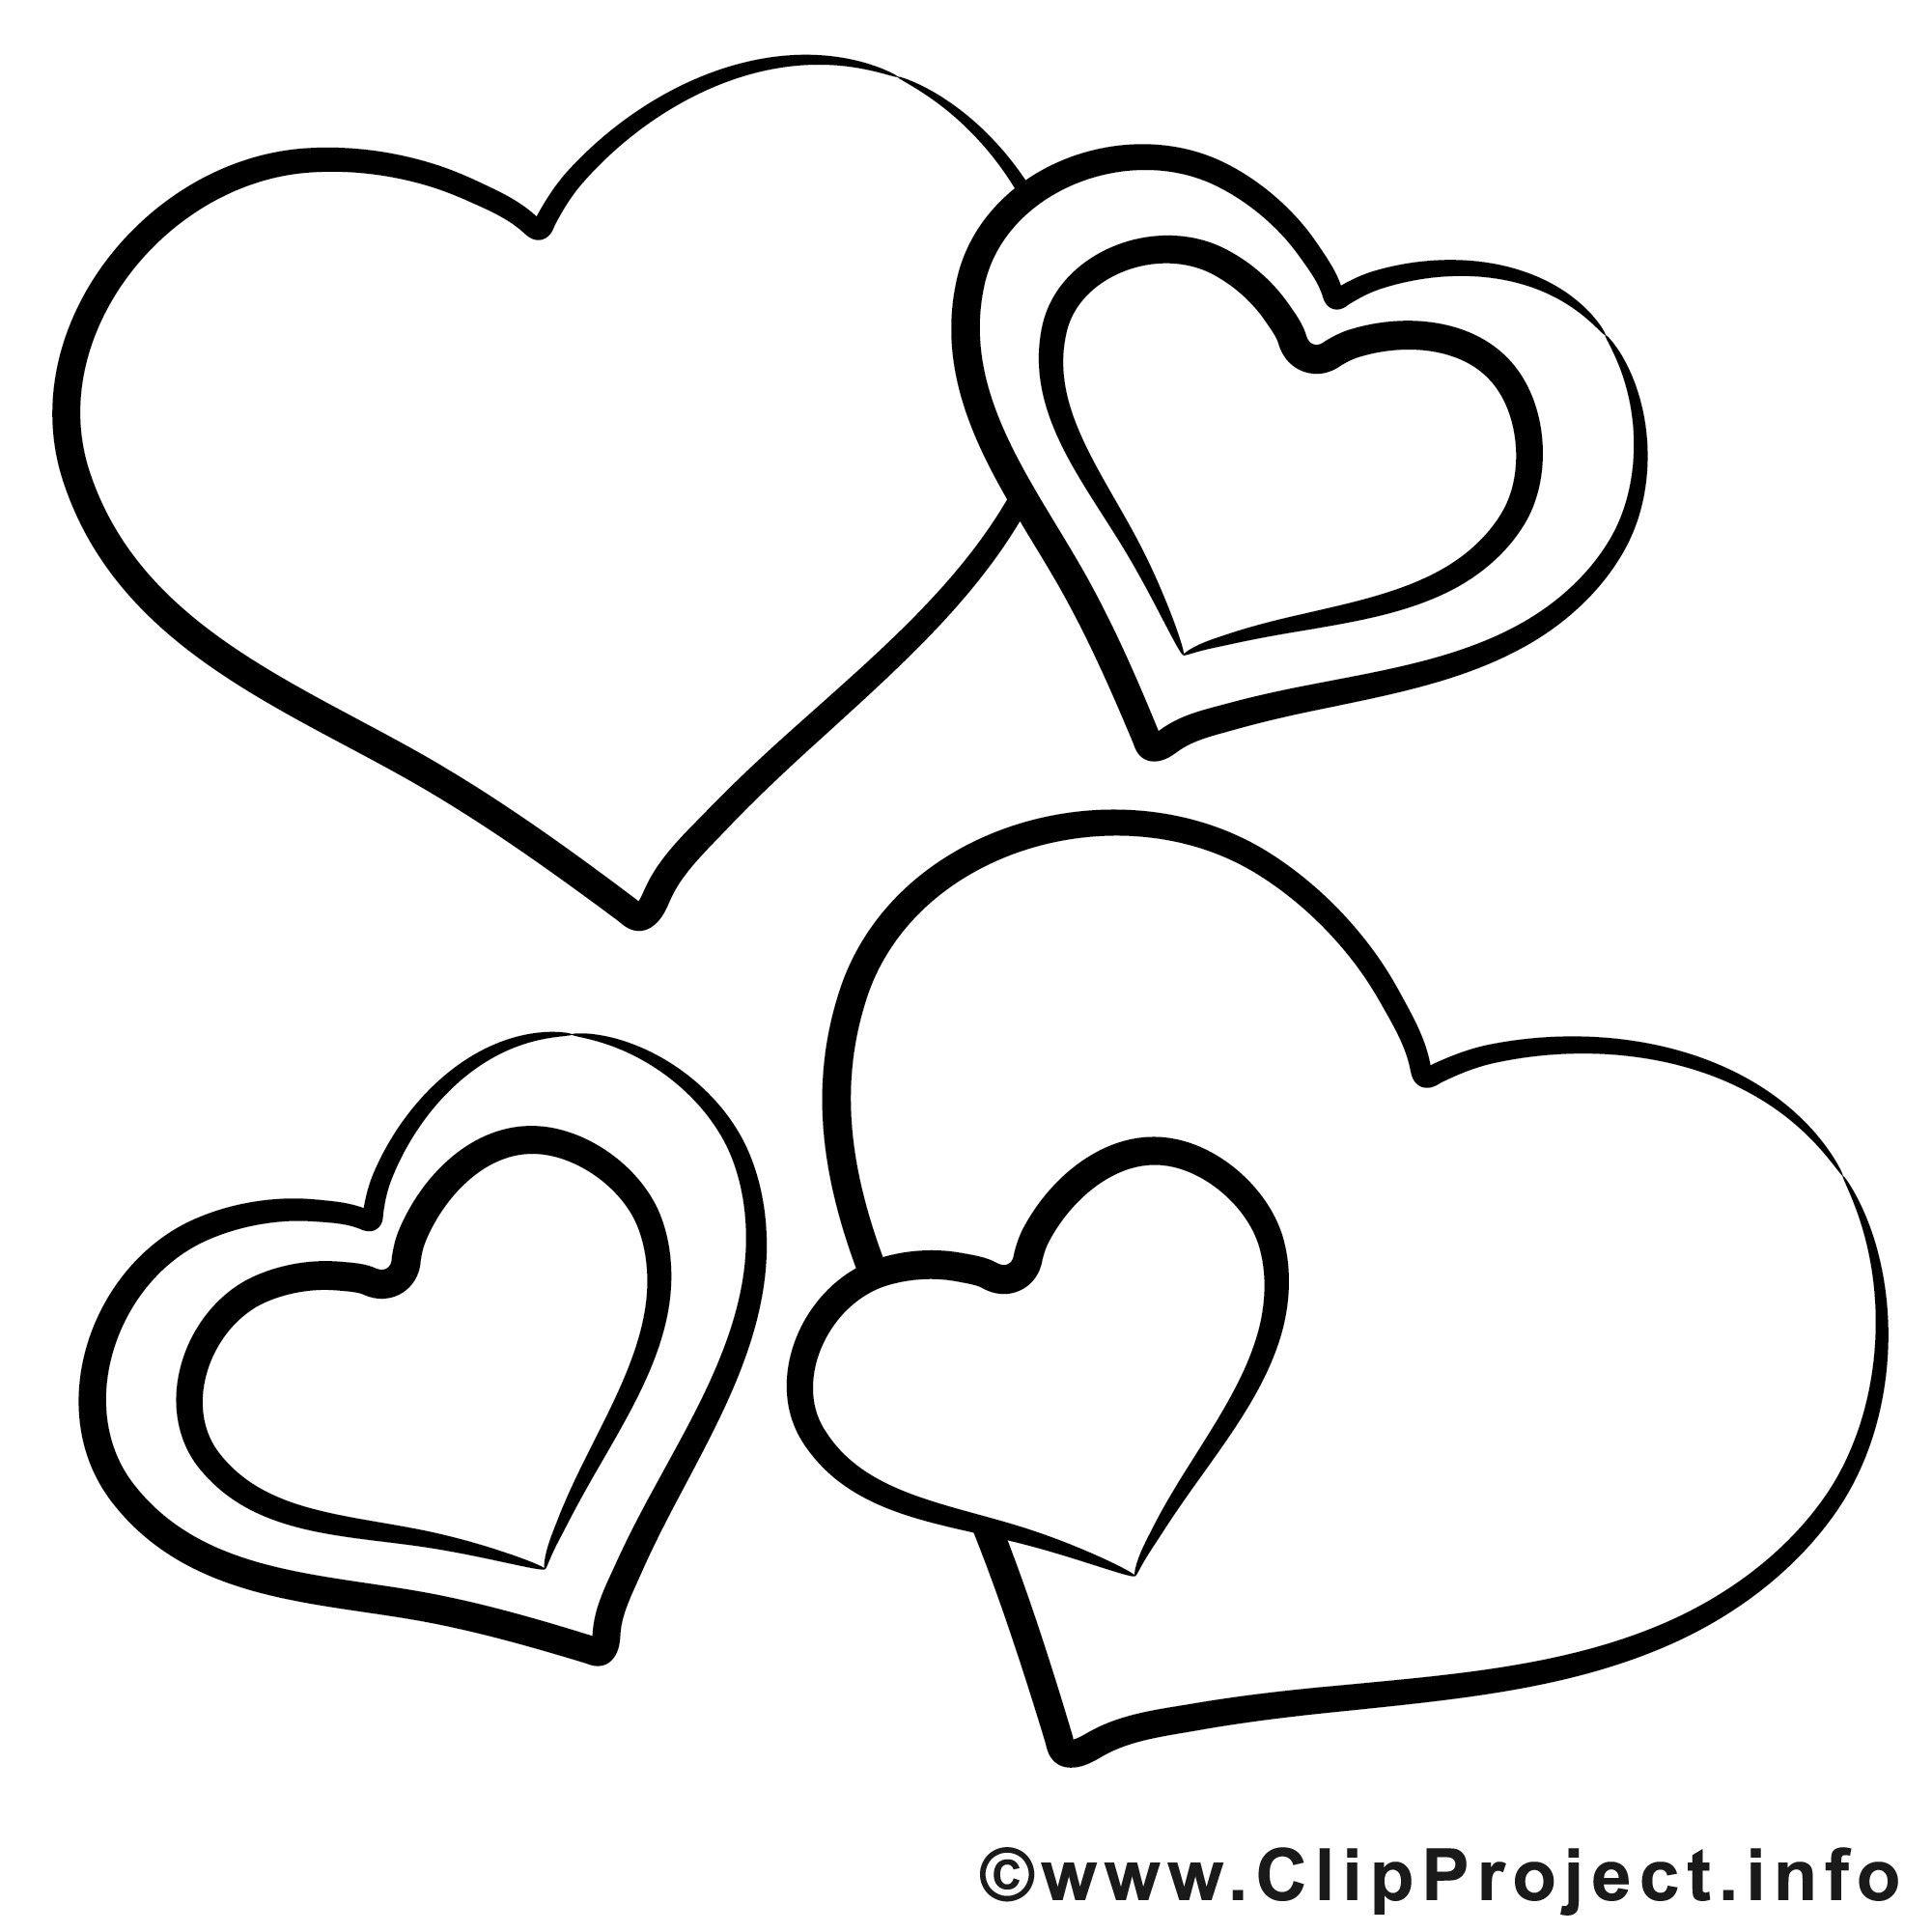 Neu Ausmalbilder Herzen Liebe Farbung Malvorlagen Malvorlagenfurkinder Ausmalbilder Herz Vorlage Malvorlagen